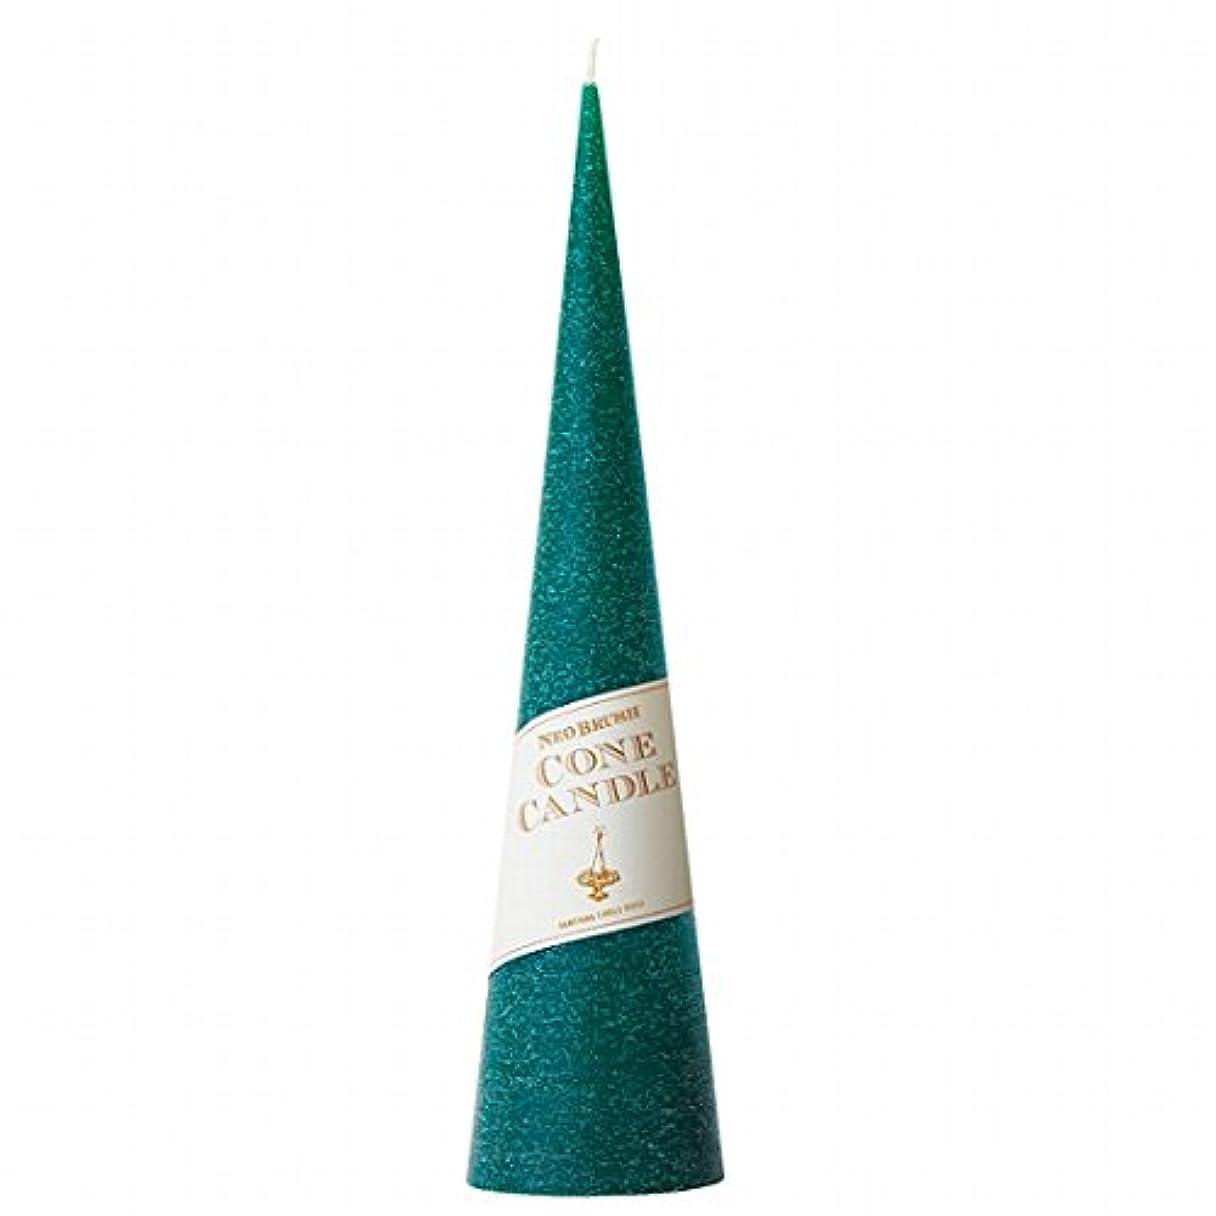 時刻表蒸気全くカメヤマキャンドル(kameyama candle) ネオブラッシュコーン 295 キャンドル 「 グリーン 」